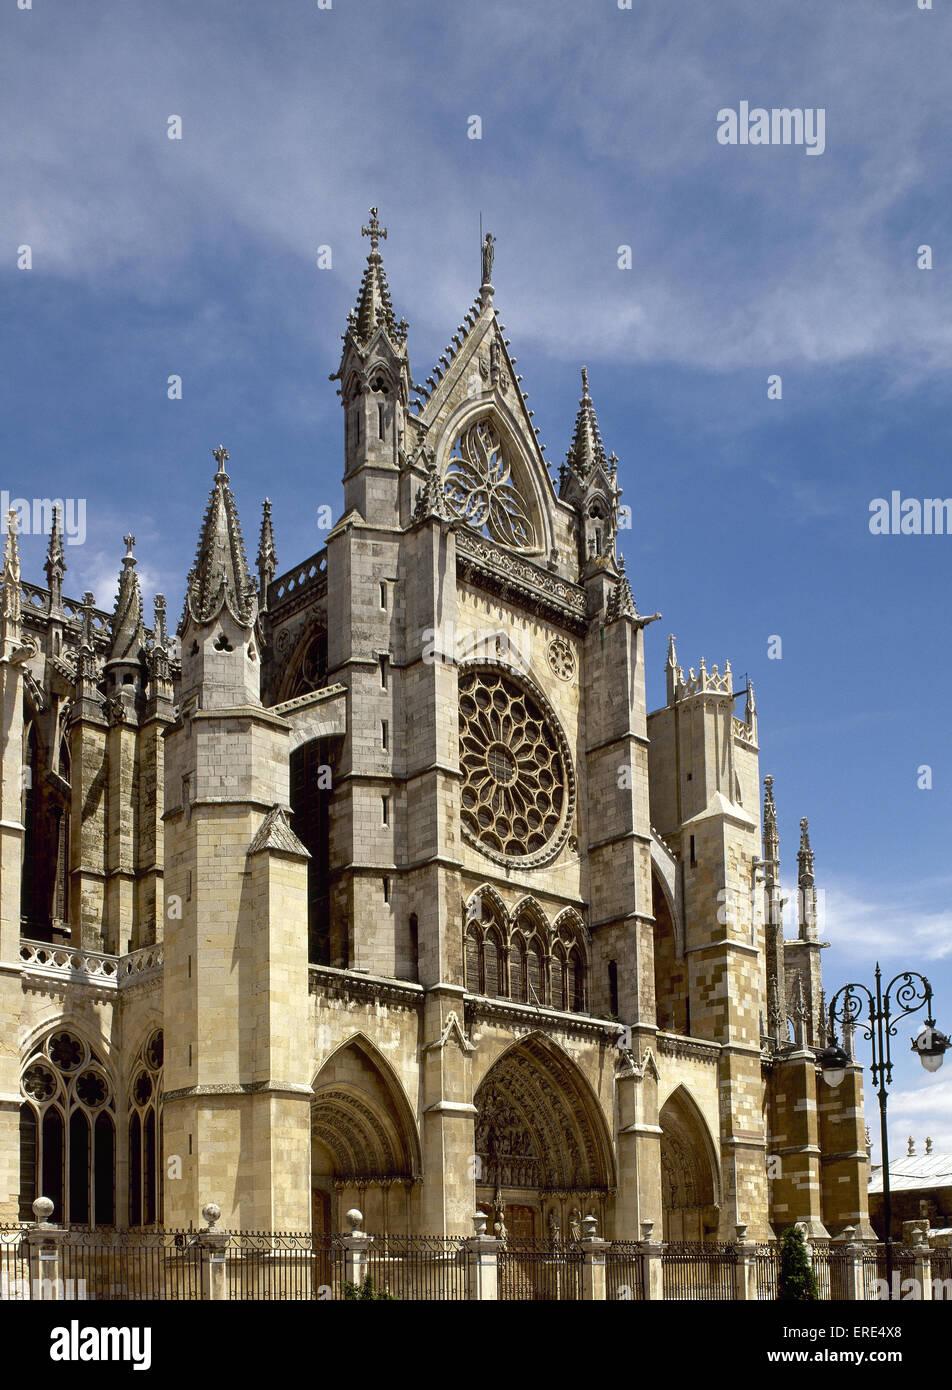 Spagna. Leon. Cattedrale gotica. Xiii-XIV secolo. Facciata. Immagini Stock